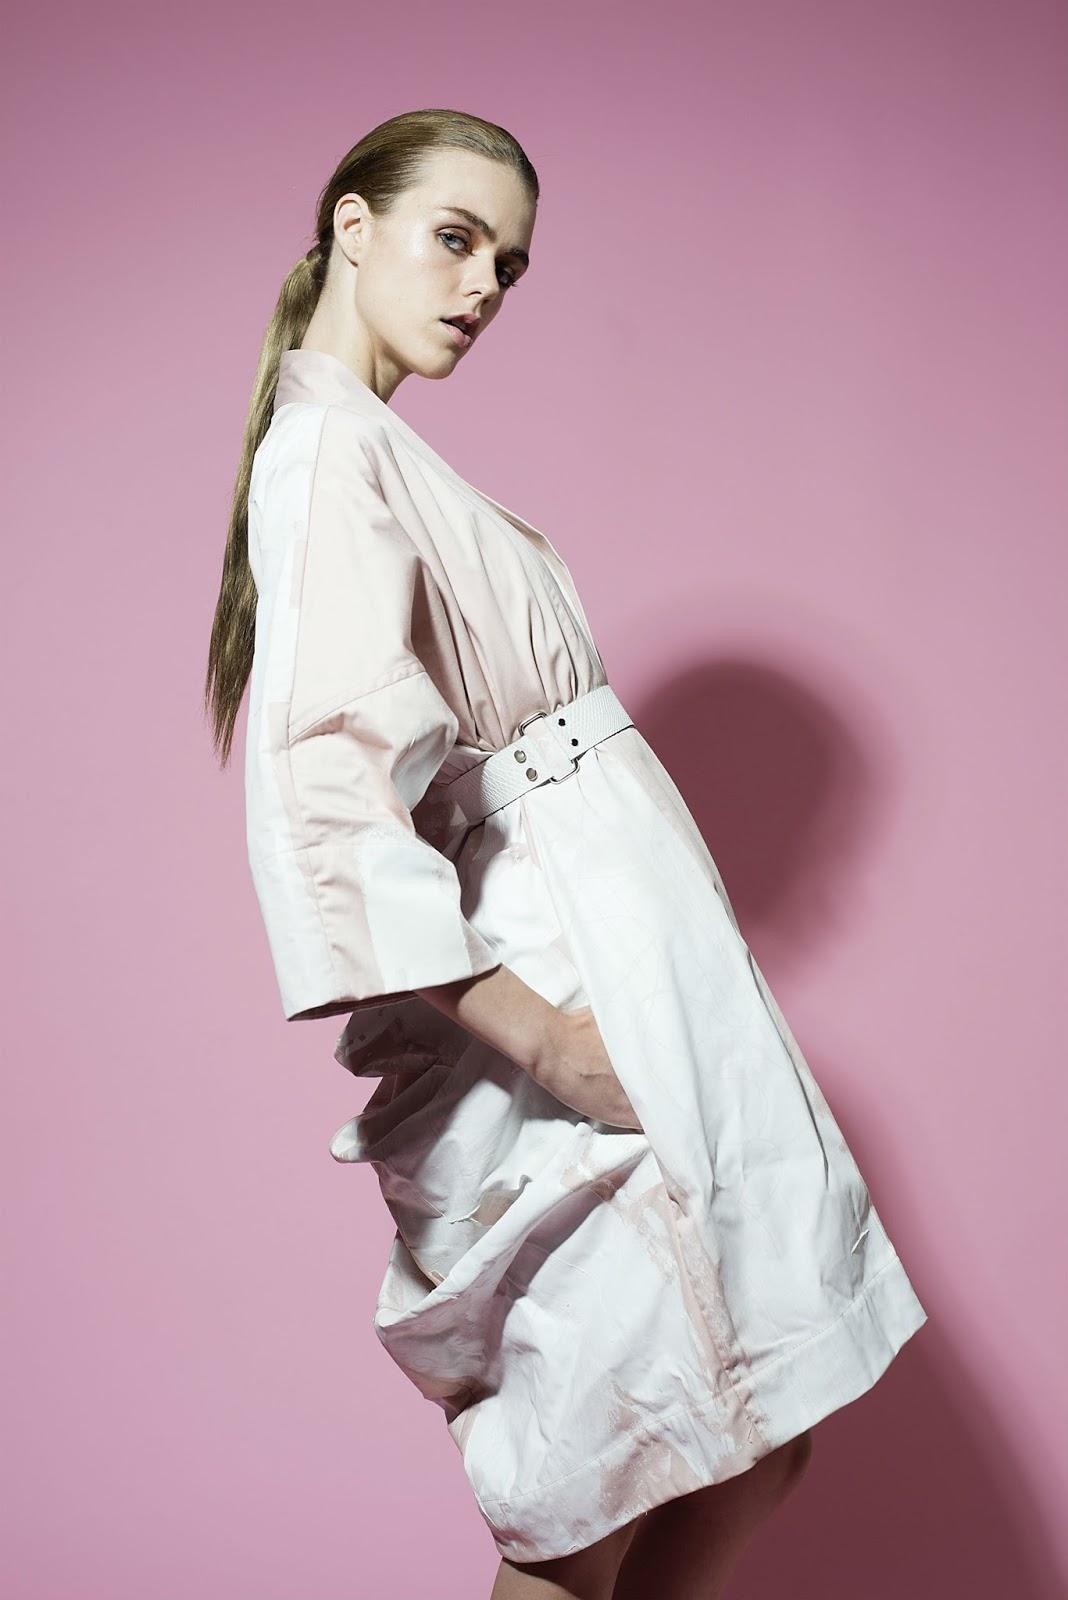 Grandon: indumentaria minimalista e innovación textil | Quinta trends